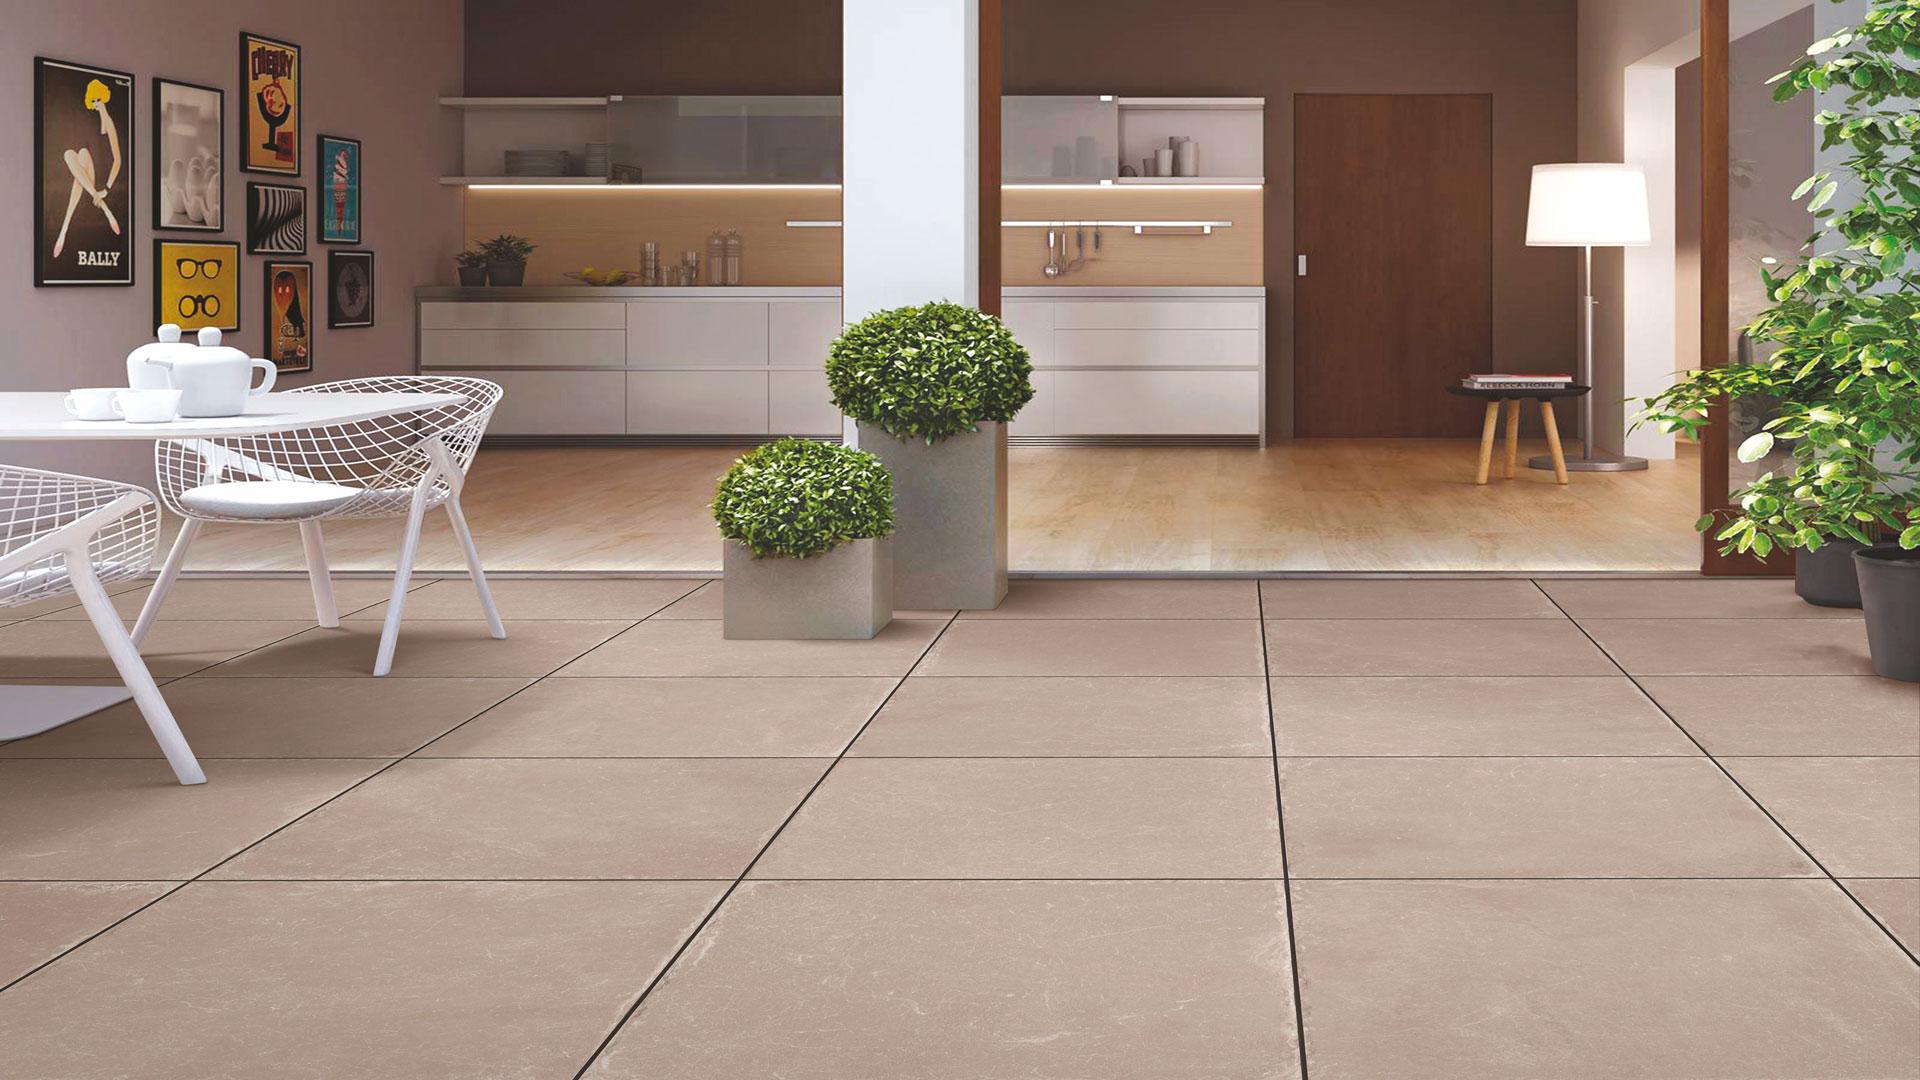 Limpieza del suelo porcel nico - Limpieza suelo porcelanico ...